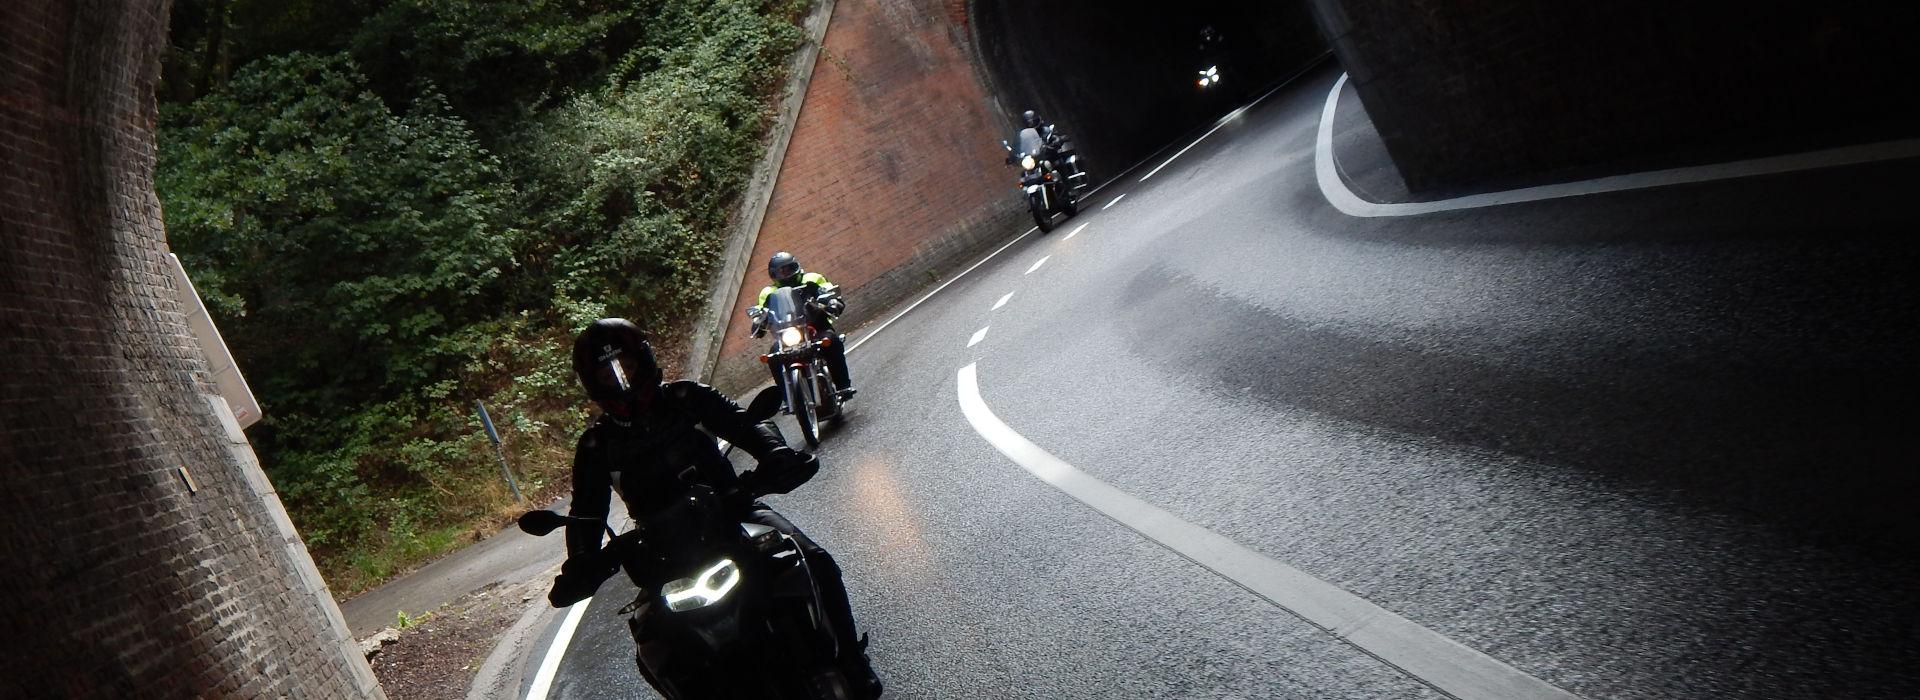 Motorrijbewijspoint Haanrade spoed motorrijbewijs